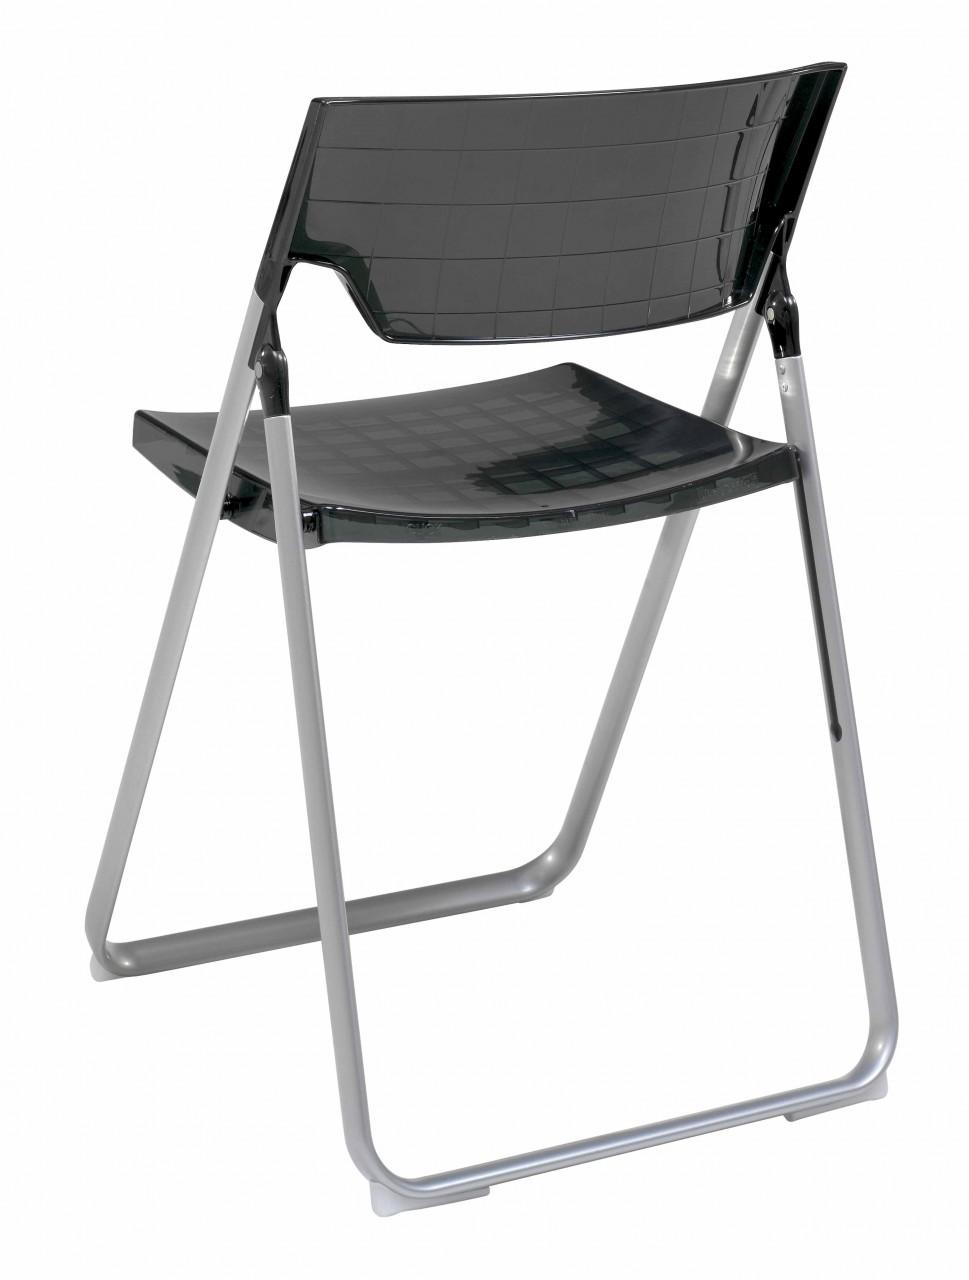 chaise pliante click achat fauteuils 119 00. Black Bedroom Furniture Sets. Home Design Ideas